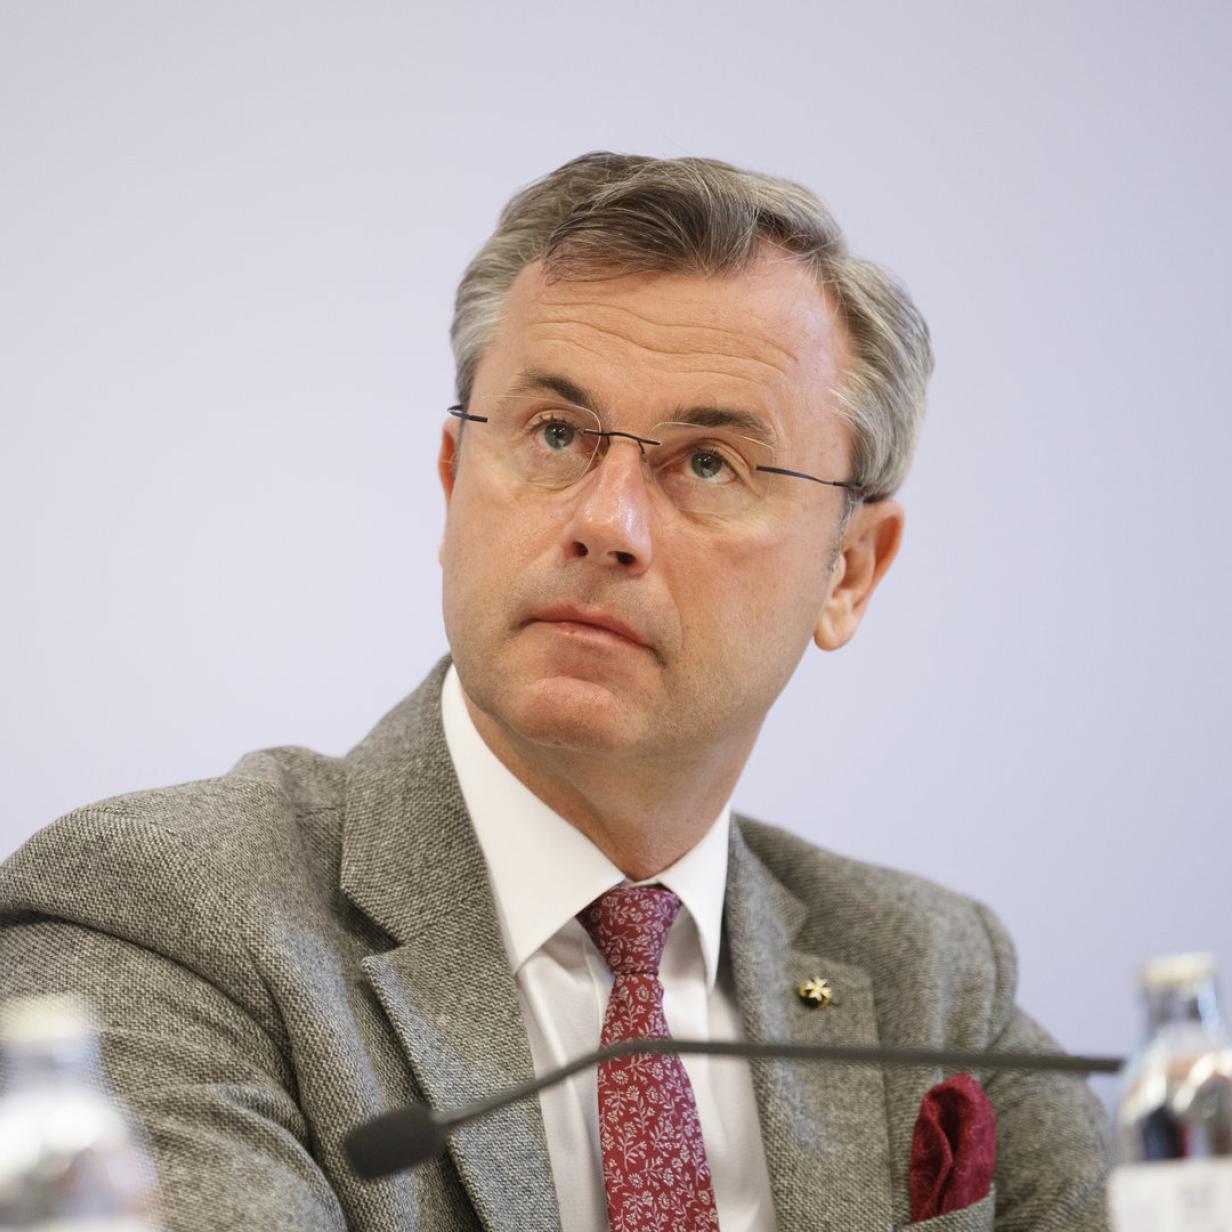 Brandschutz im Zug: Justiz prüft Vorwürfe gegen Ex-Minister Hofer